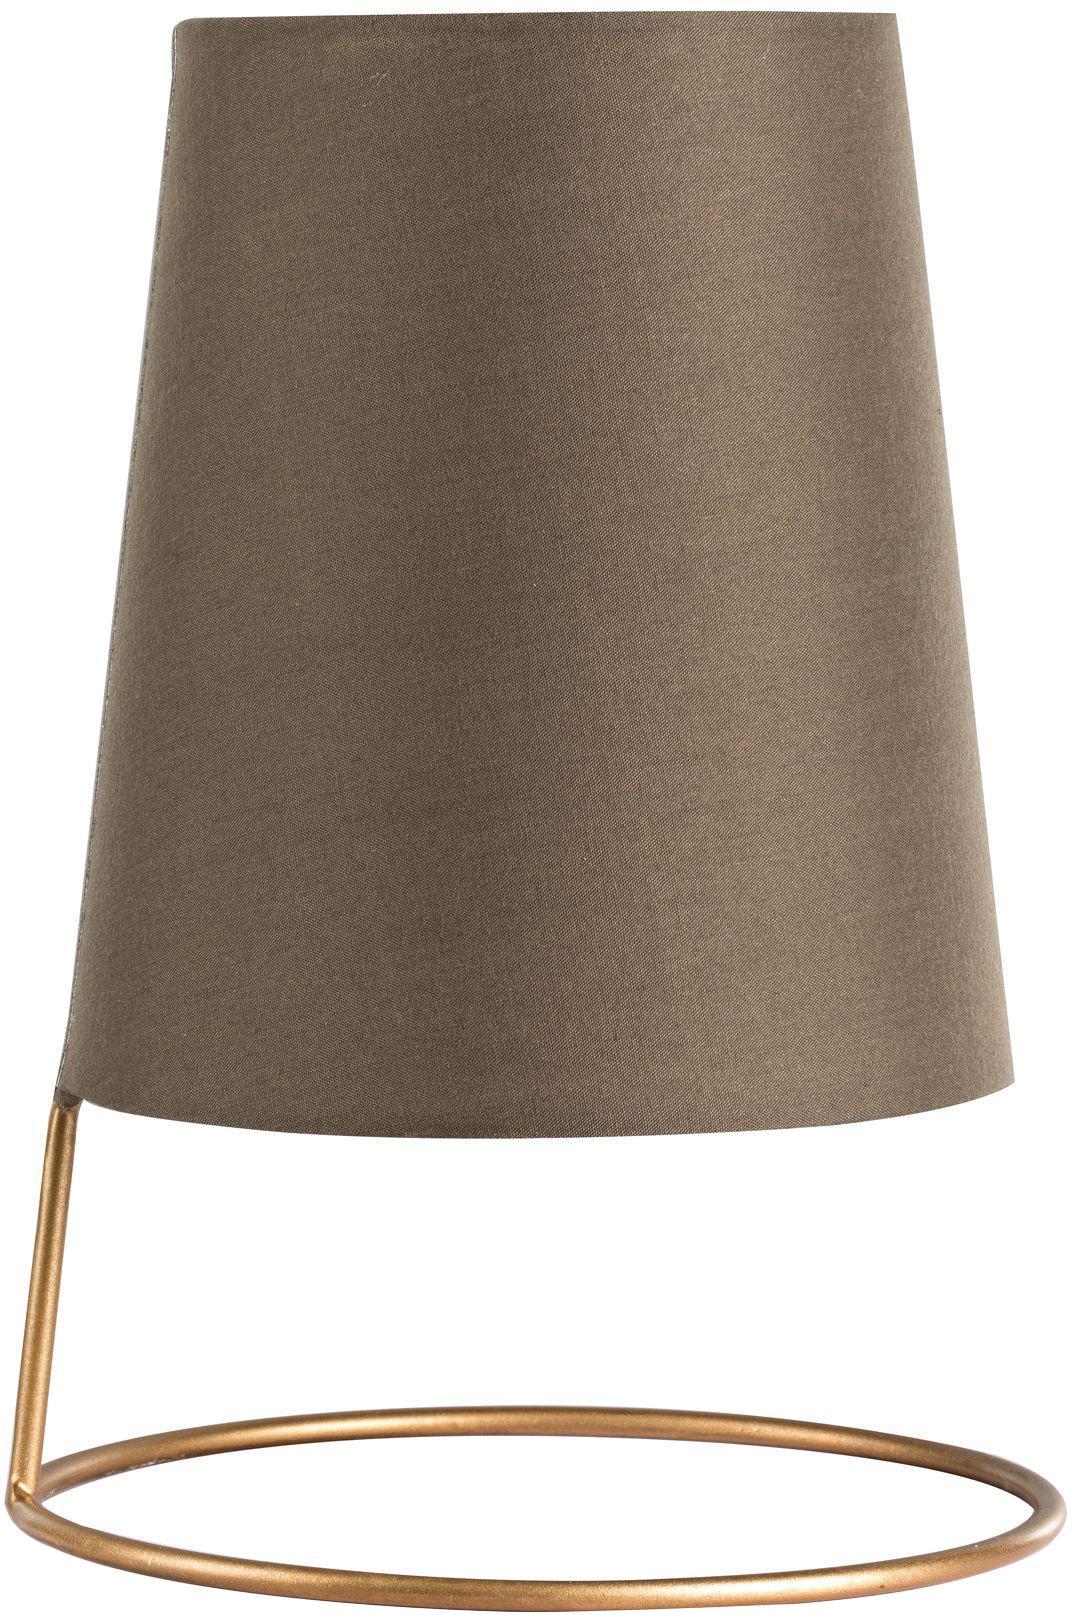 Kleine Retro-Tischlampe Ata, Lampenschirm: Baumwollgemisch, Lampenfuß: Metall, beschichtet, Goldfarben, Braun, Ø 18 x H 26 cm